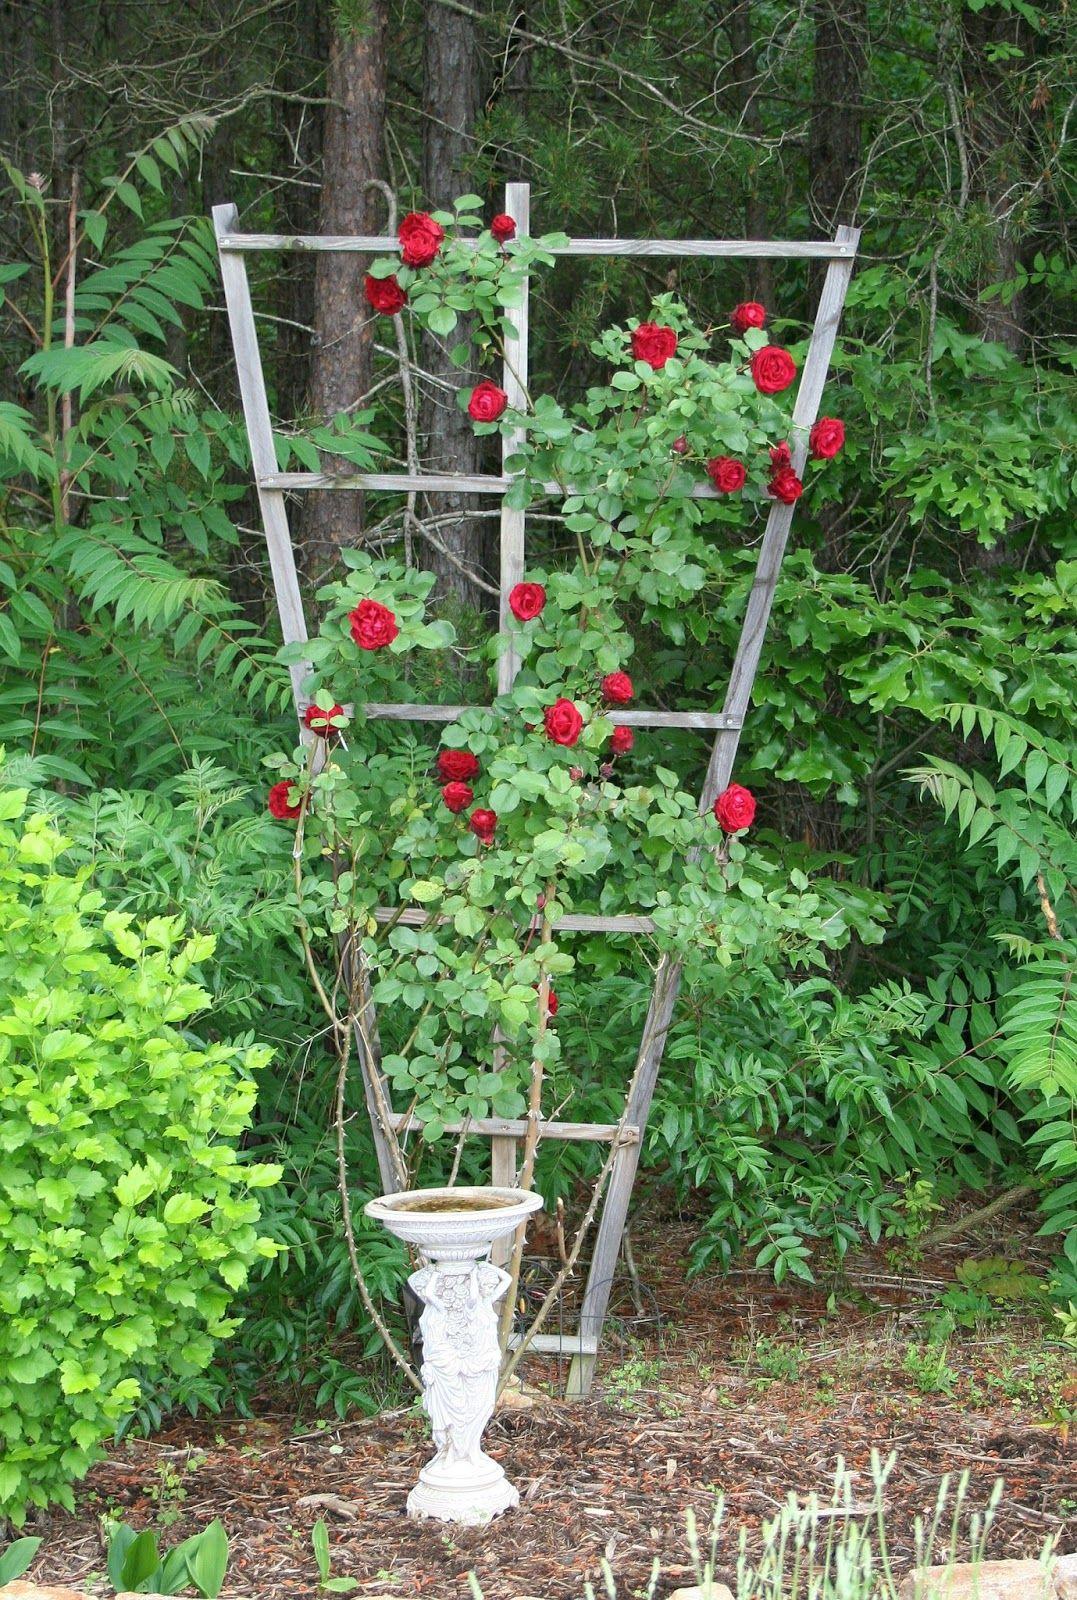 Seven Oaks Home And Garden Joy How To Build A Trellis For Climbing